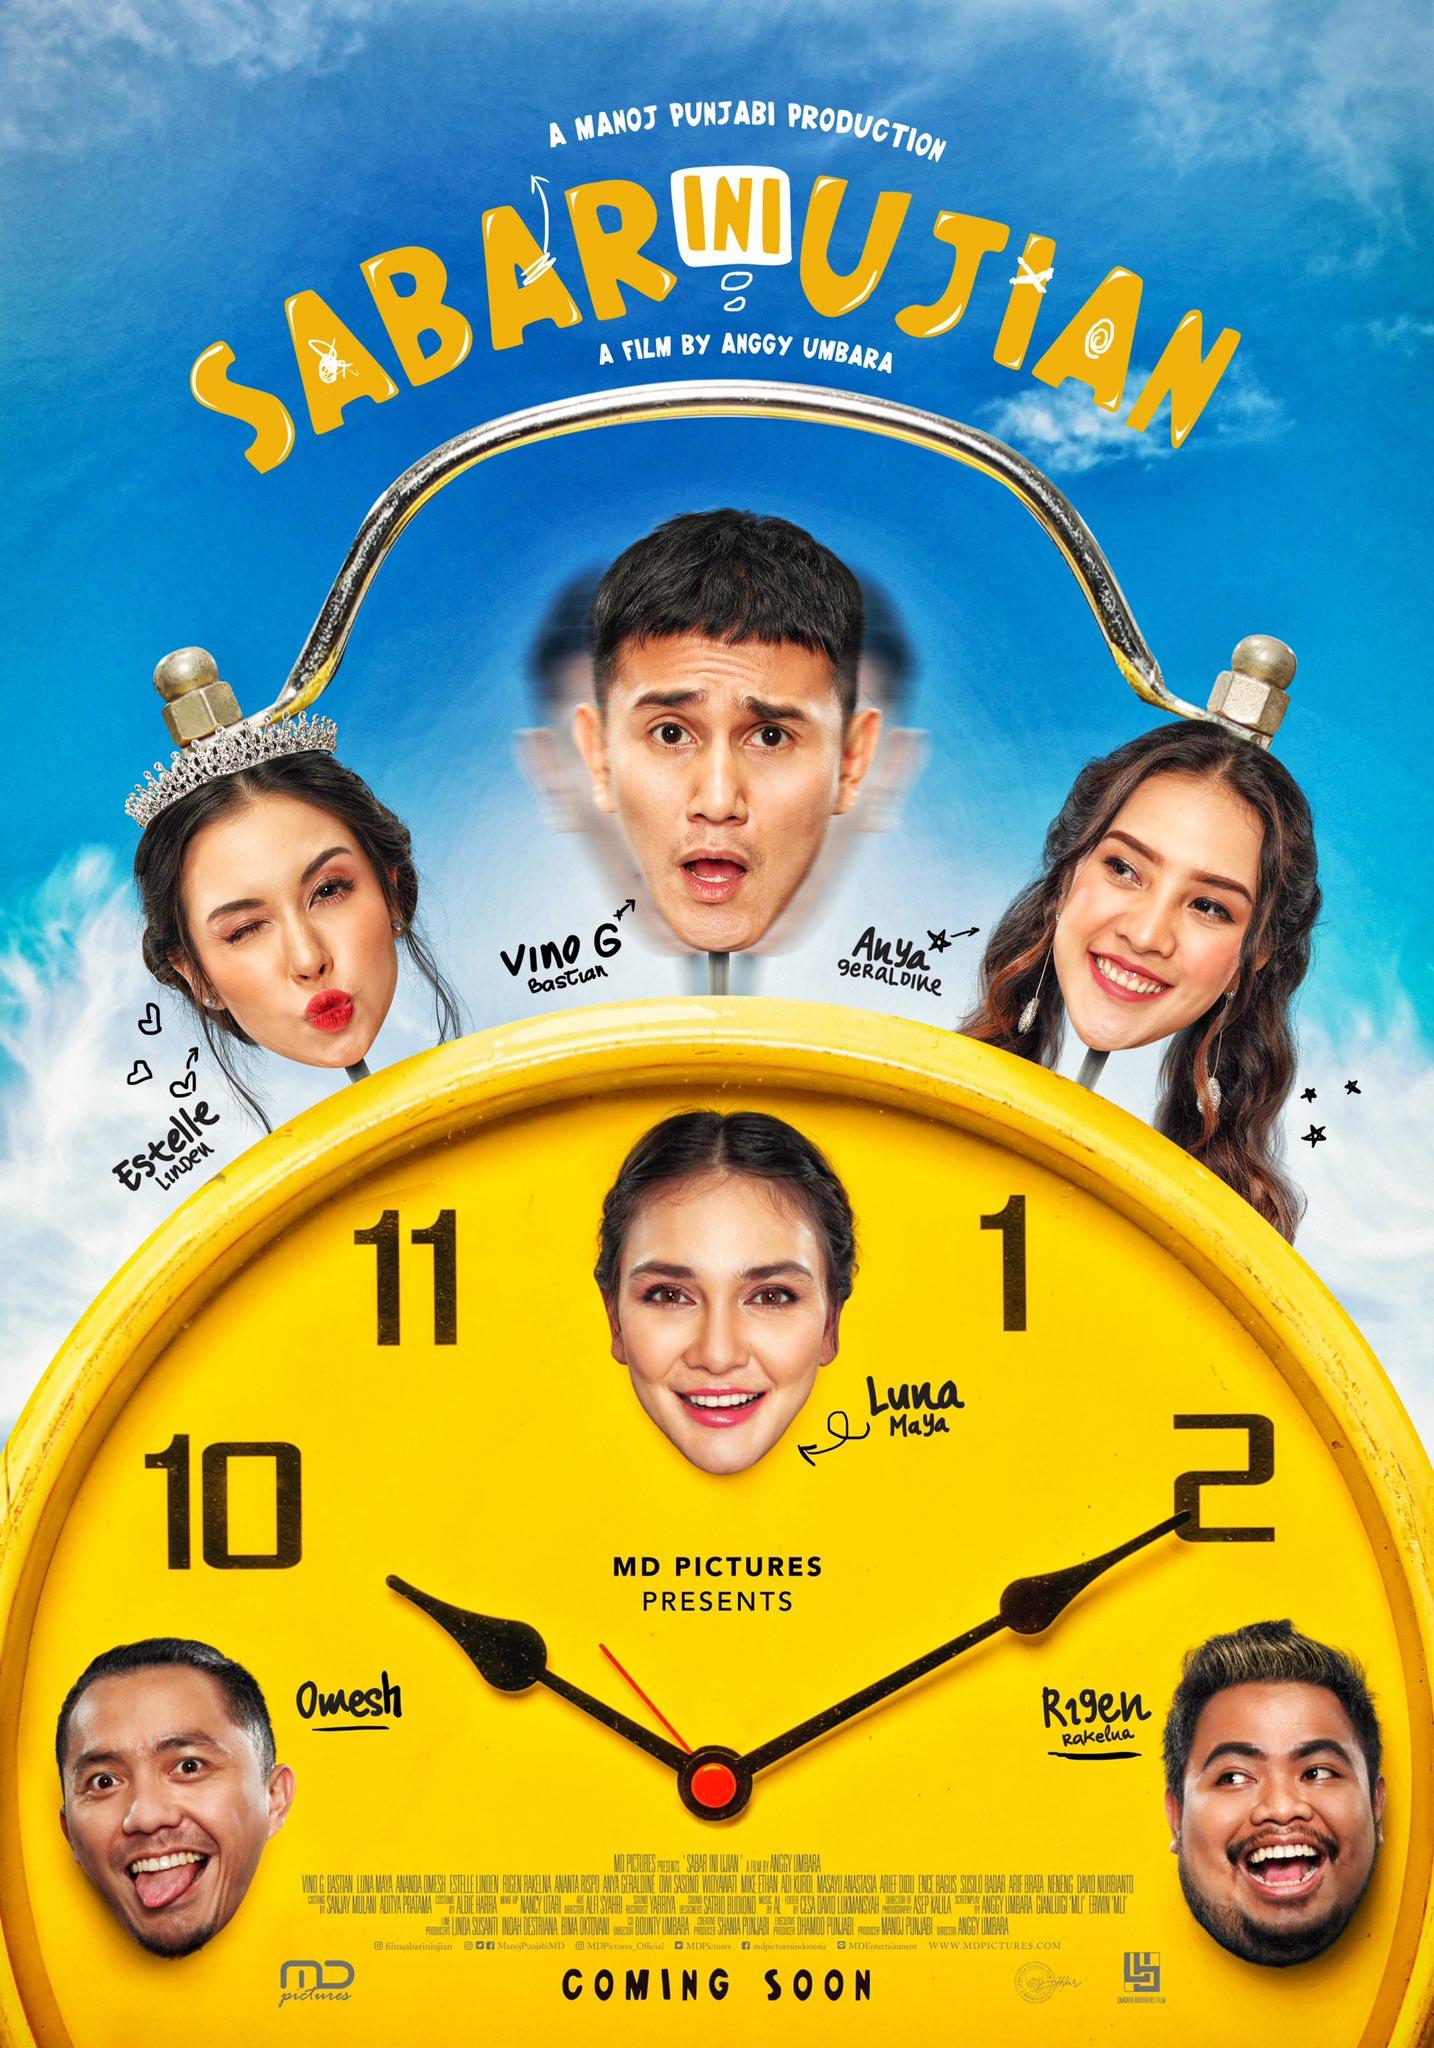 Download Sabar Ini Ujian (2020) Full Movie | Stream Sabar Ini Ujian (2020) Full HD | Watch Sabar Ini Ujian (2020) | Free Download Sabar Ini Ujian (2020) Full Movie